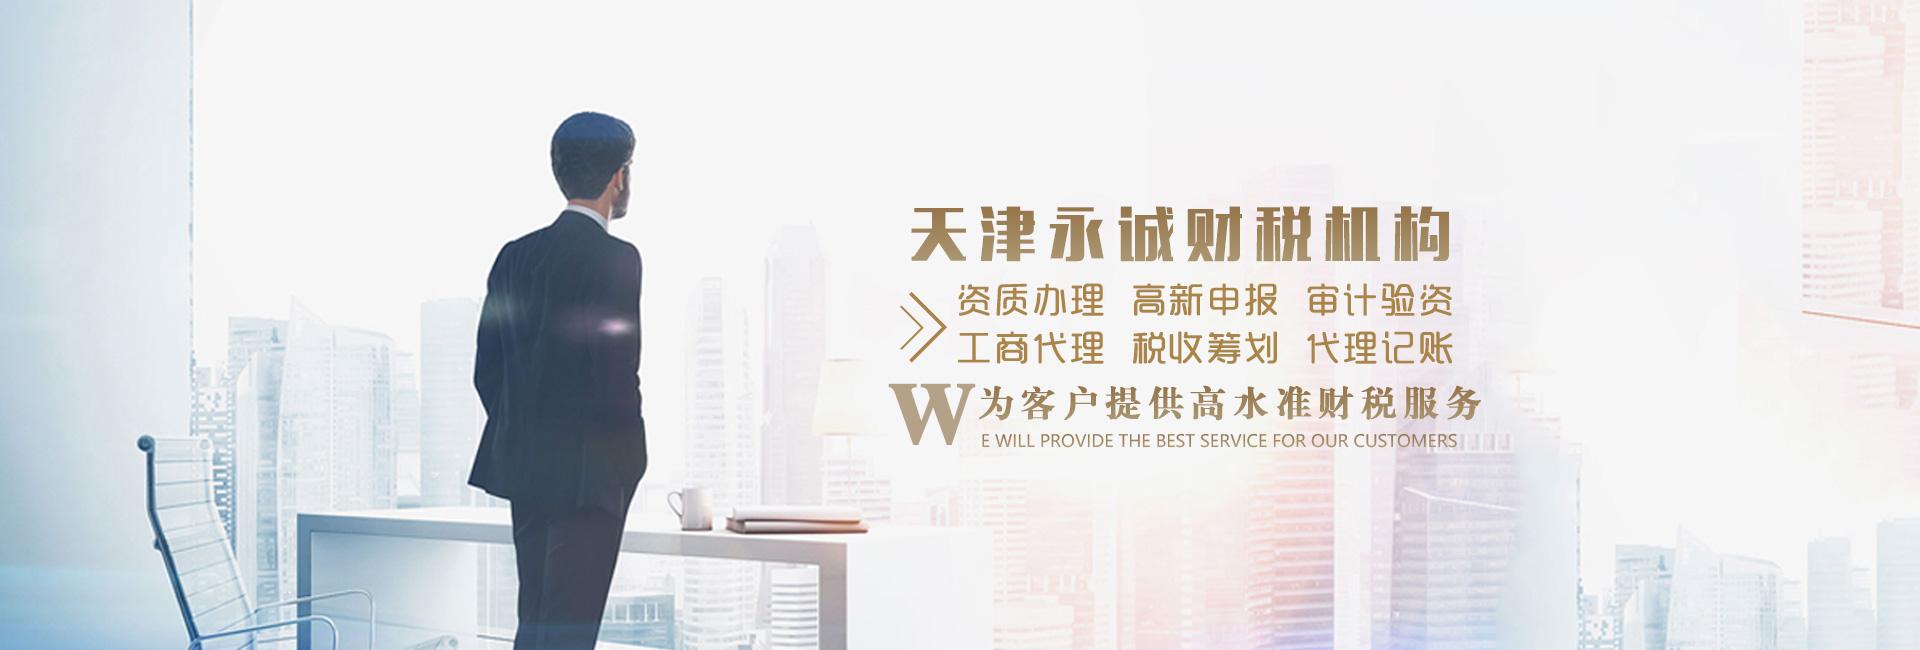 天津納稅籌劃,天津會計外包,天津代理記賬